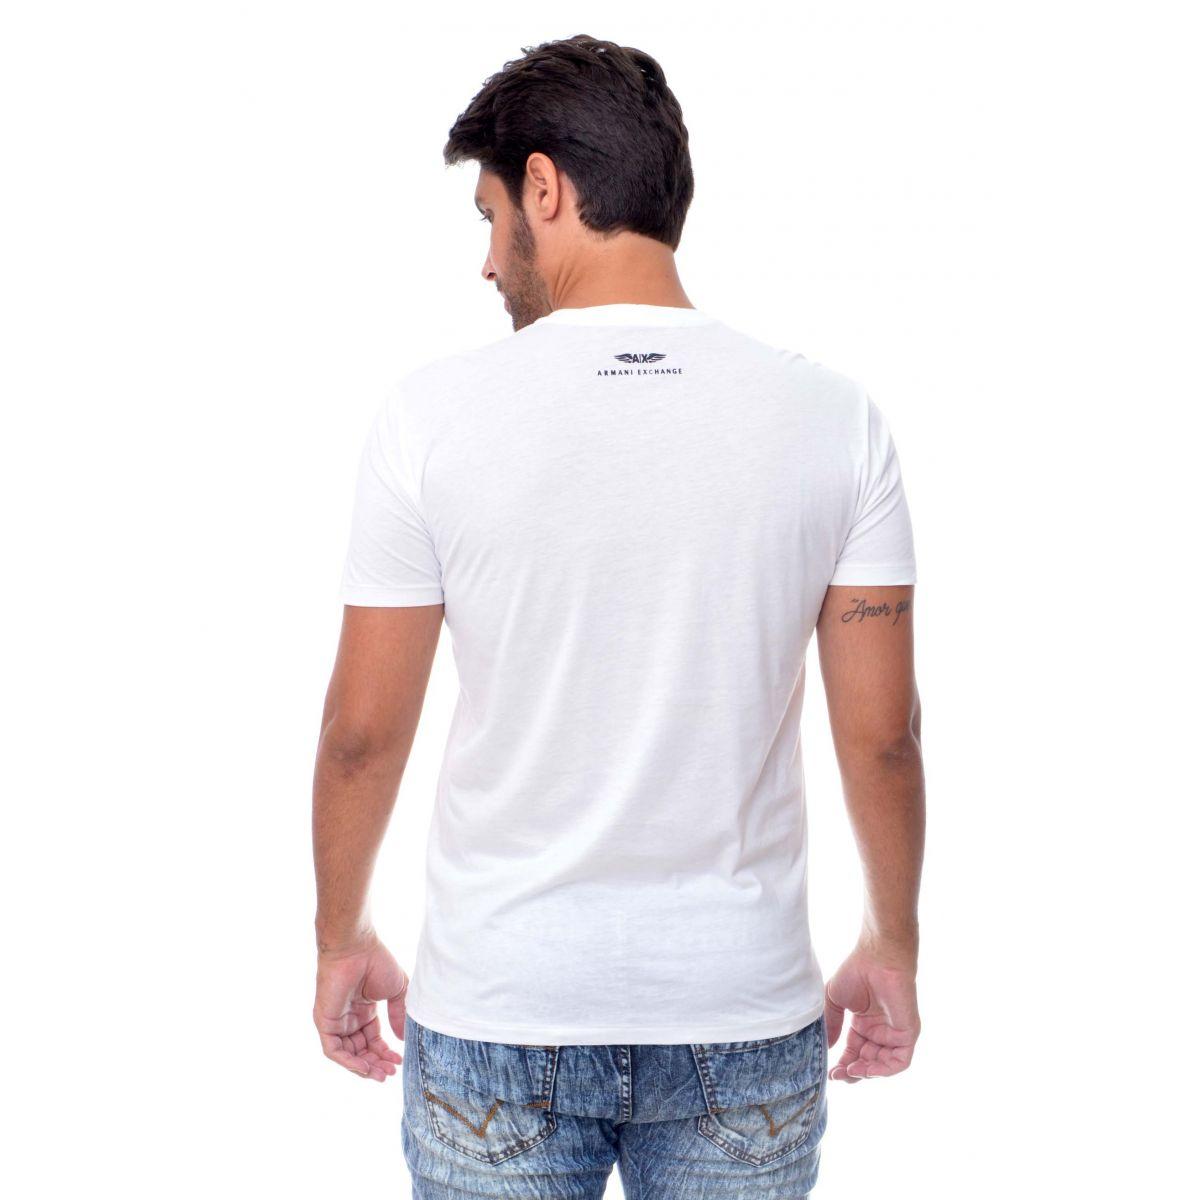 Camiseta Armani Exchange  Branca  - Ca Brasileira